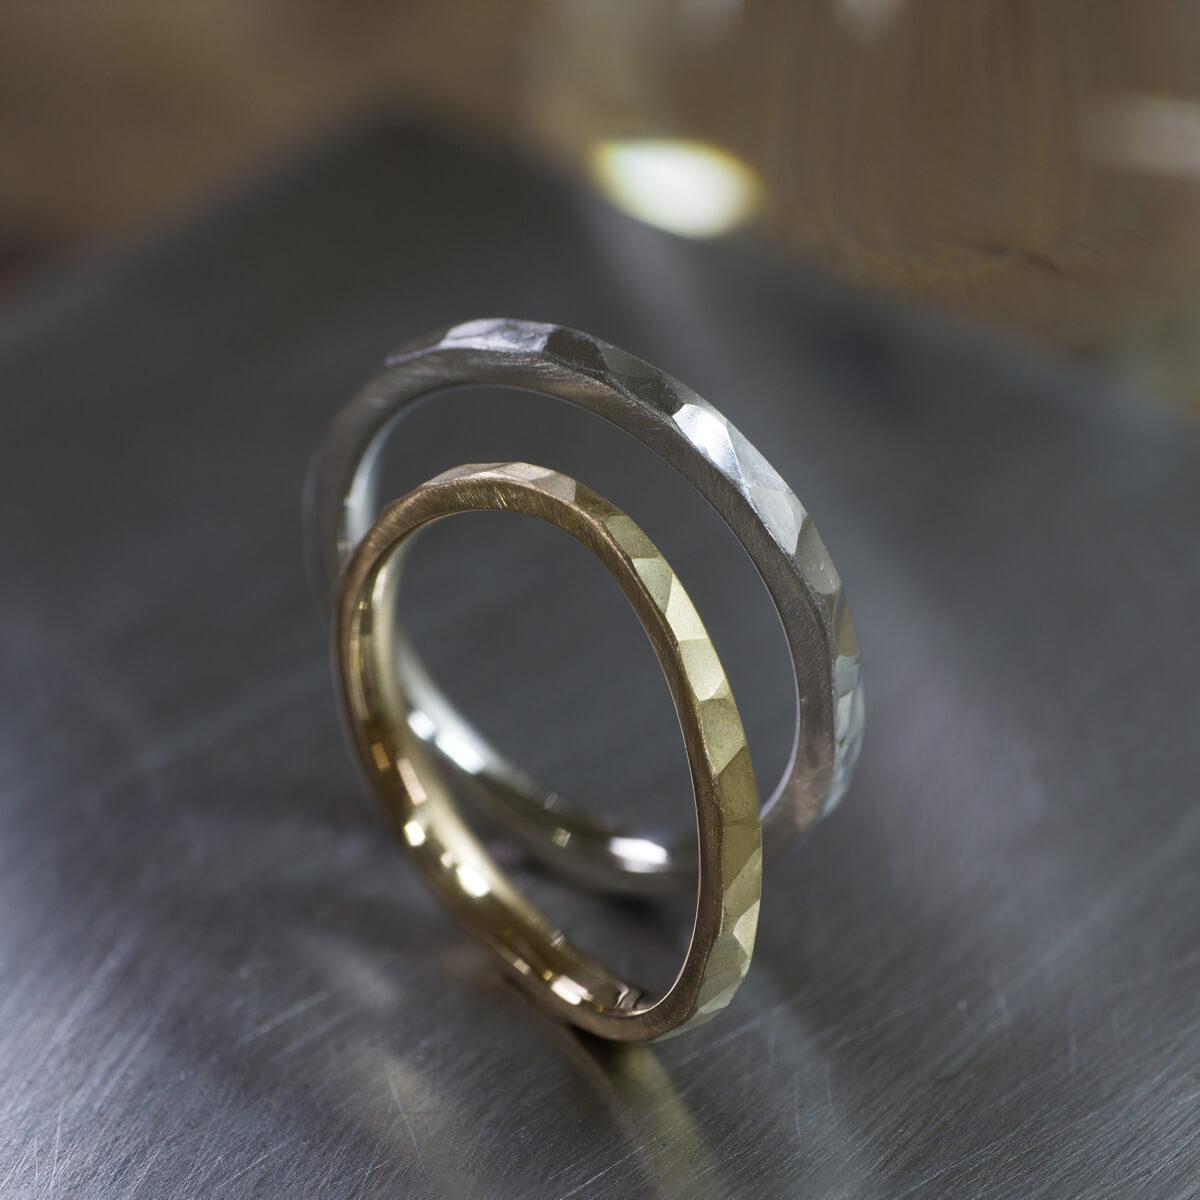 オーダーメイドマリッジリング、プラチナ、ゴールド ジュエリーのアトリエ、屋久島の海モチーフ 屋久島でつくる結婚指輪